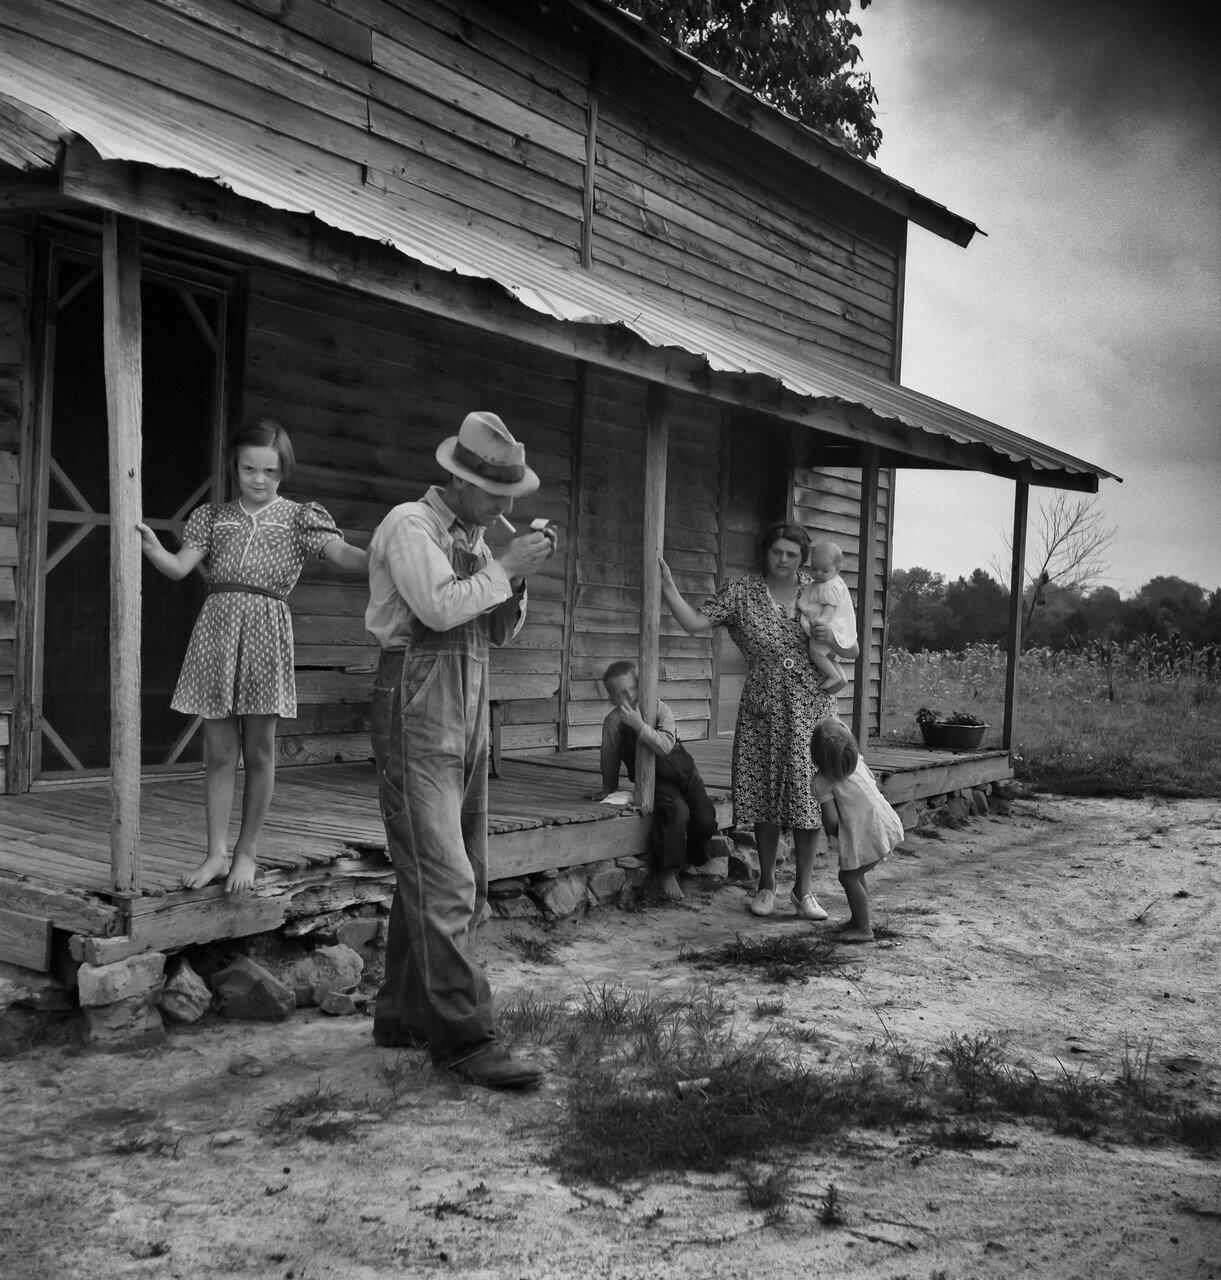 1939. Издольщик готов вернуться на поле, Северная Каролина